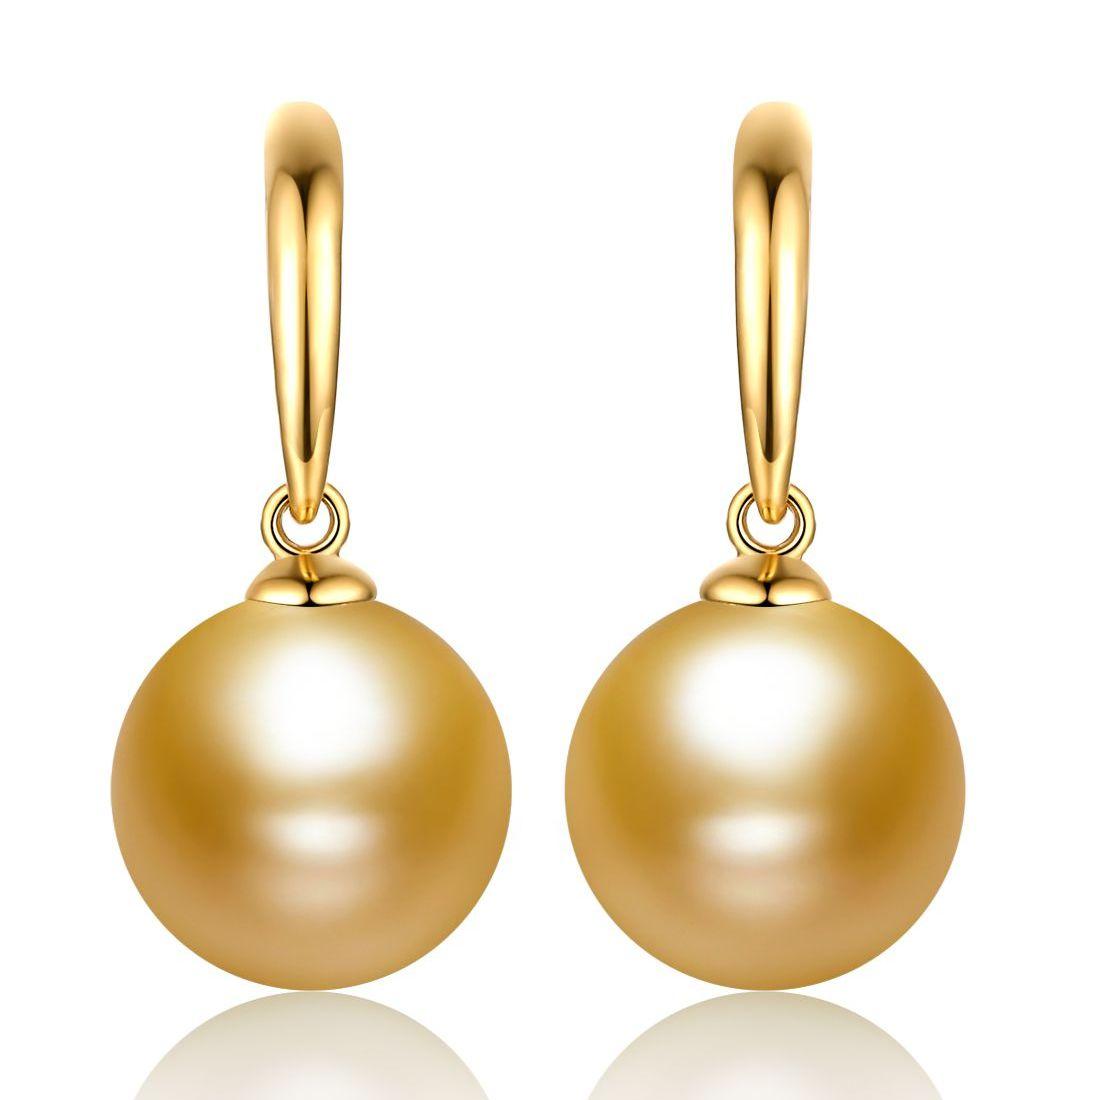 珍珠批发  南洋珍珠10-11mm南洋金色珍珠18K金耳钉